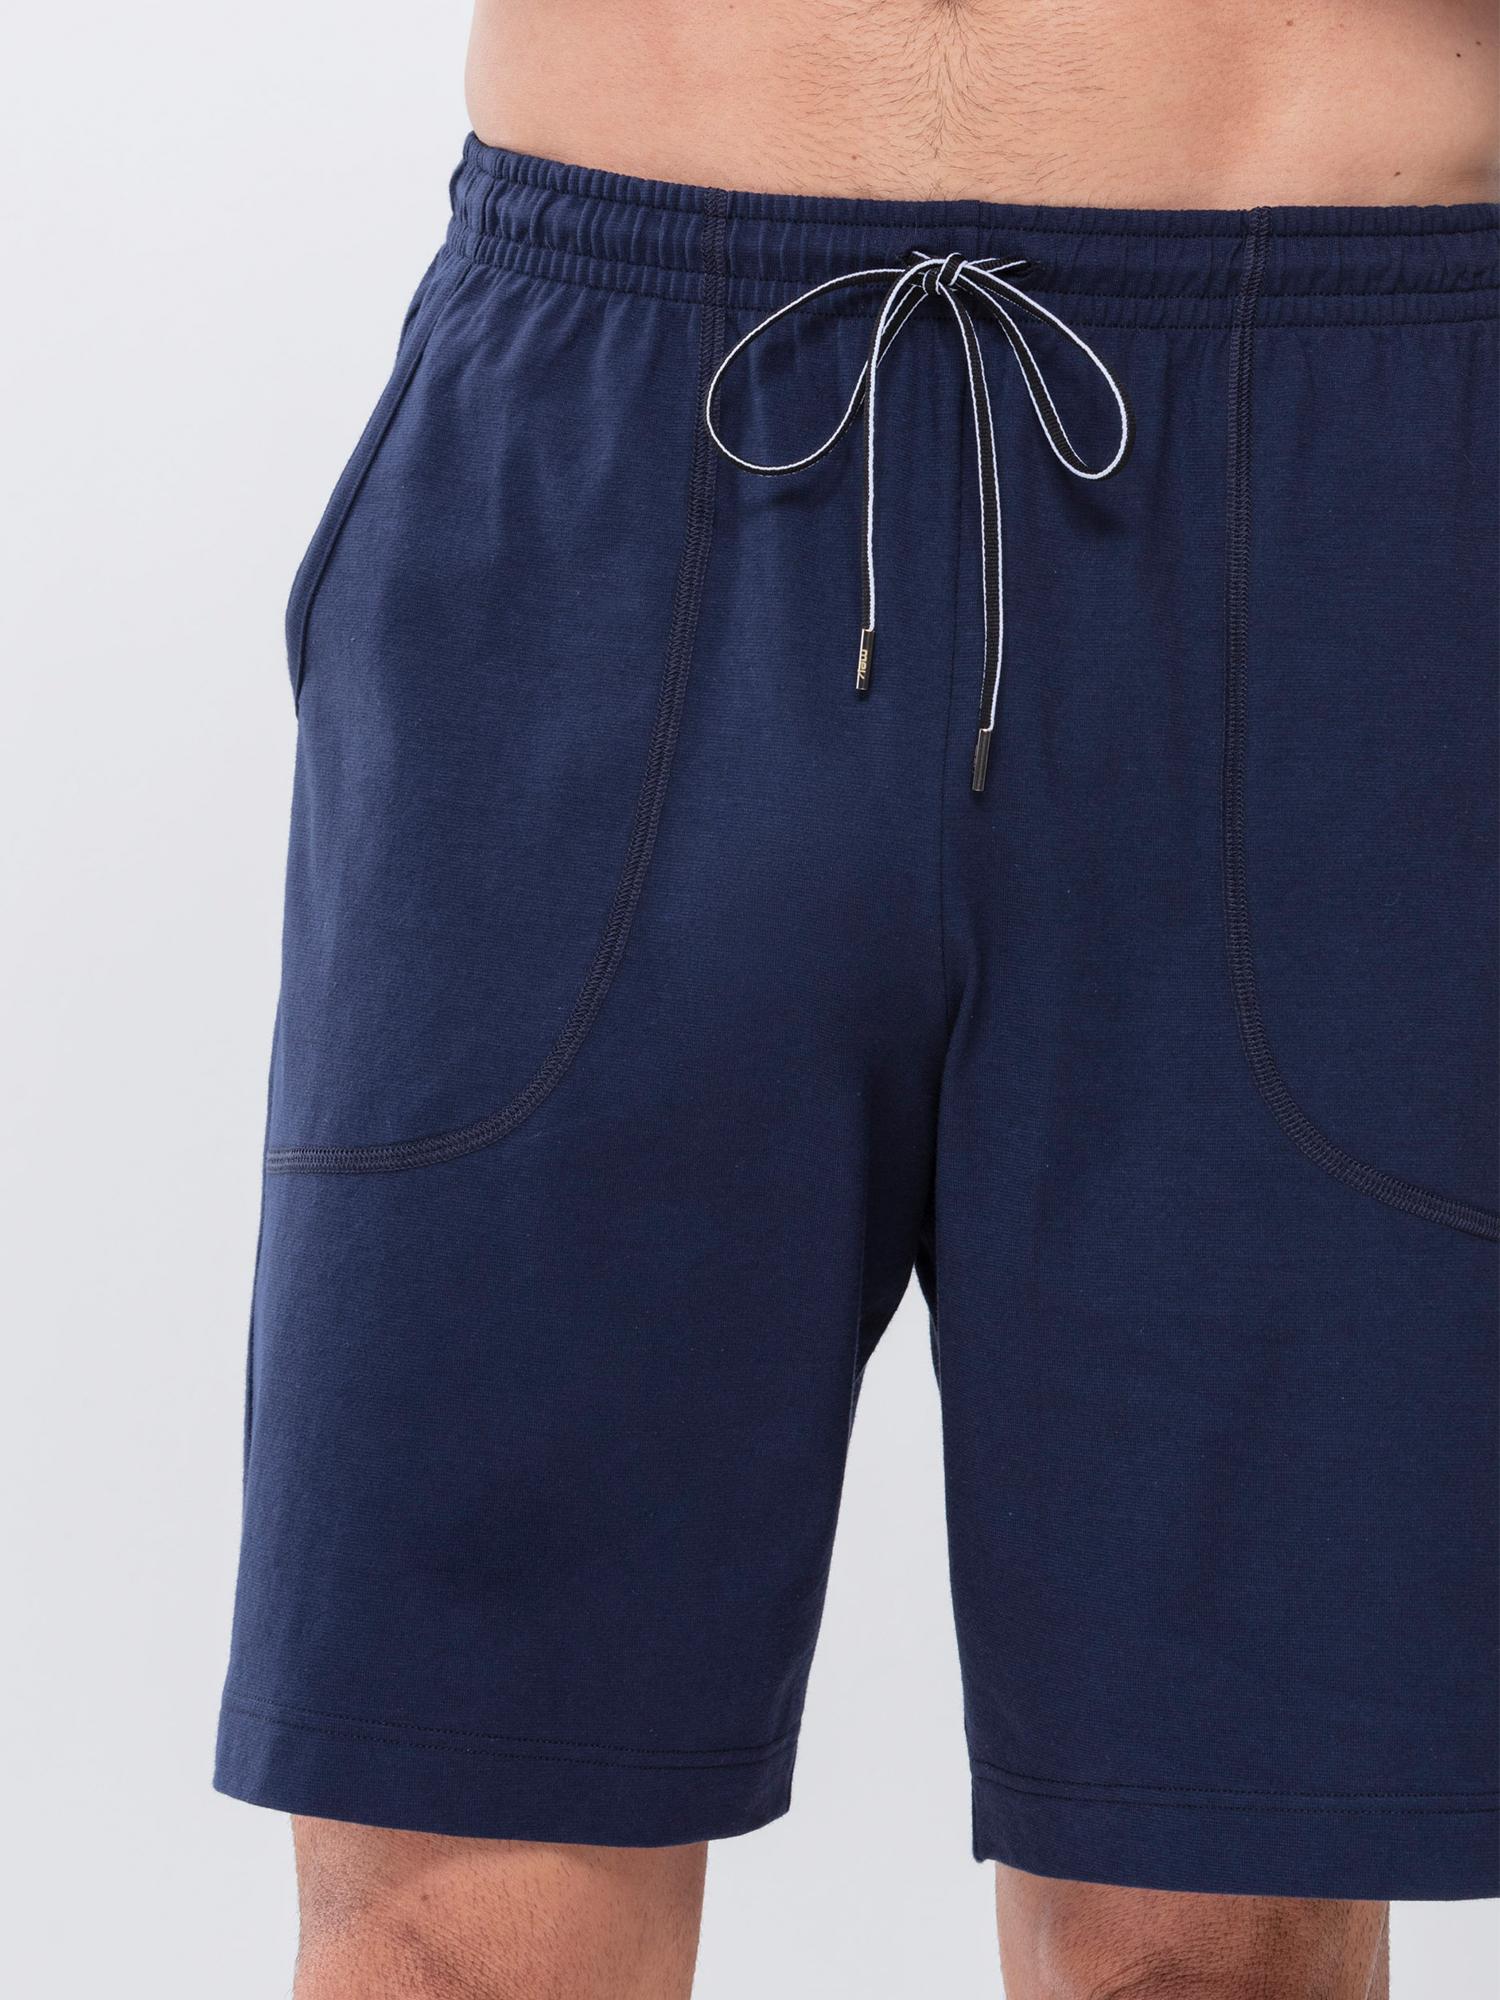 Shorts für große Größen | mey®